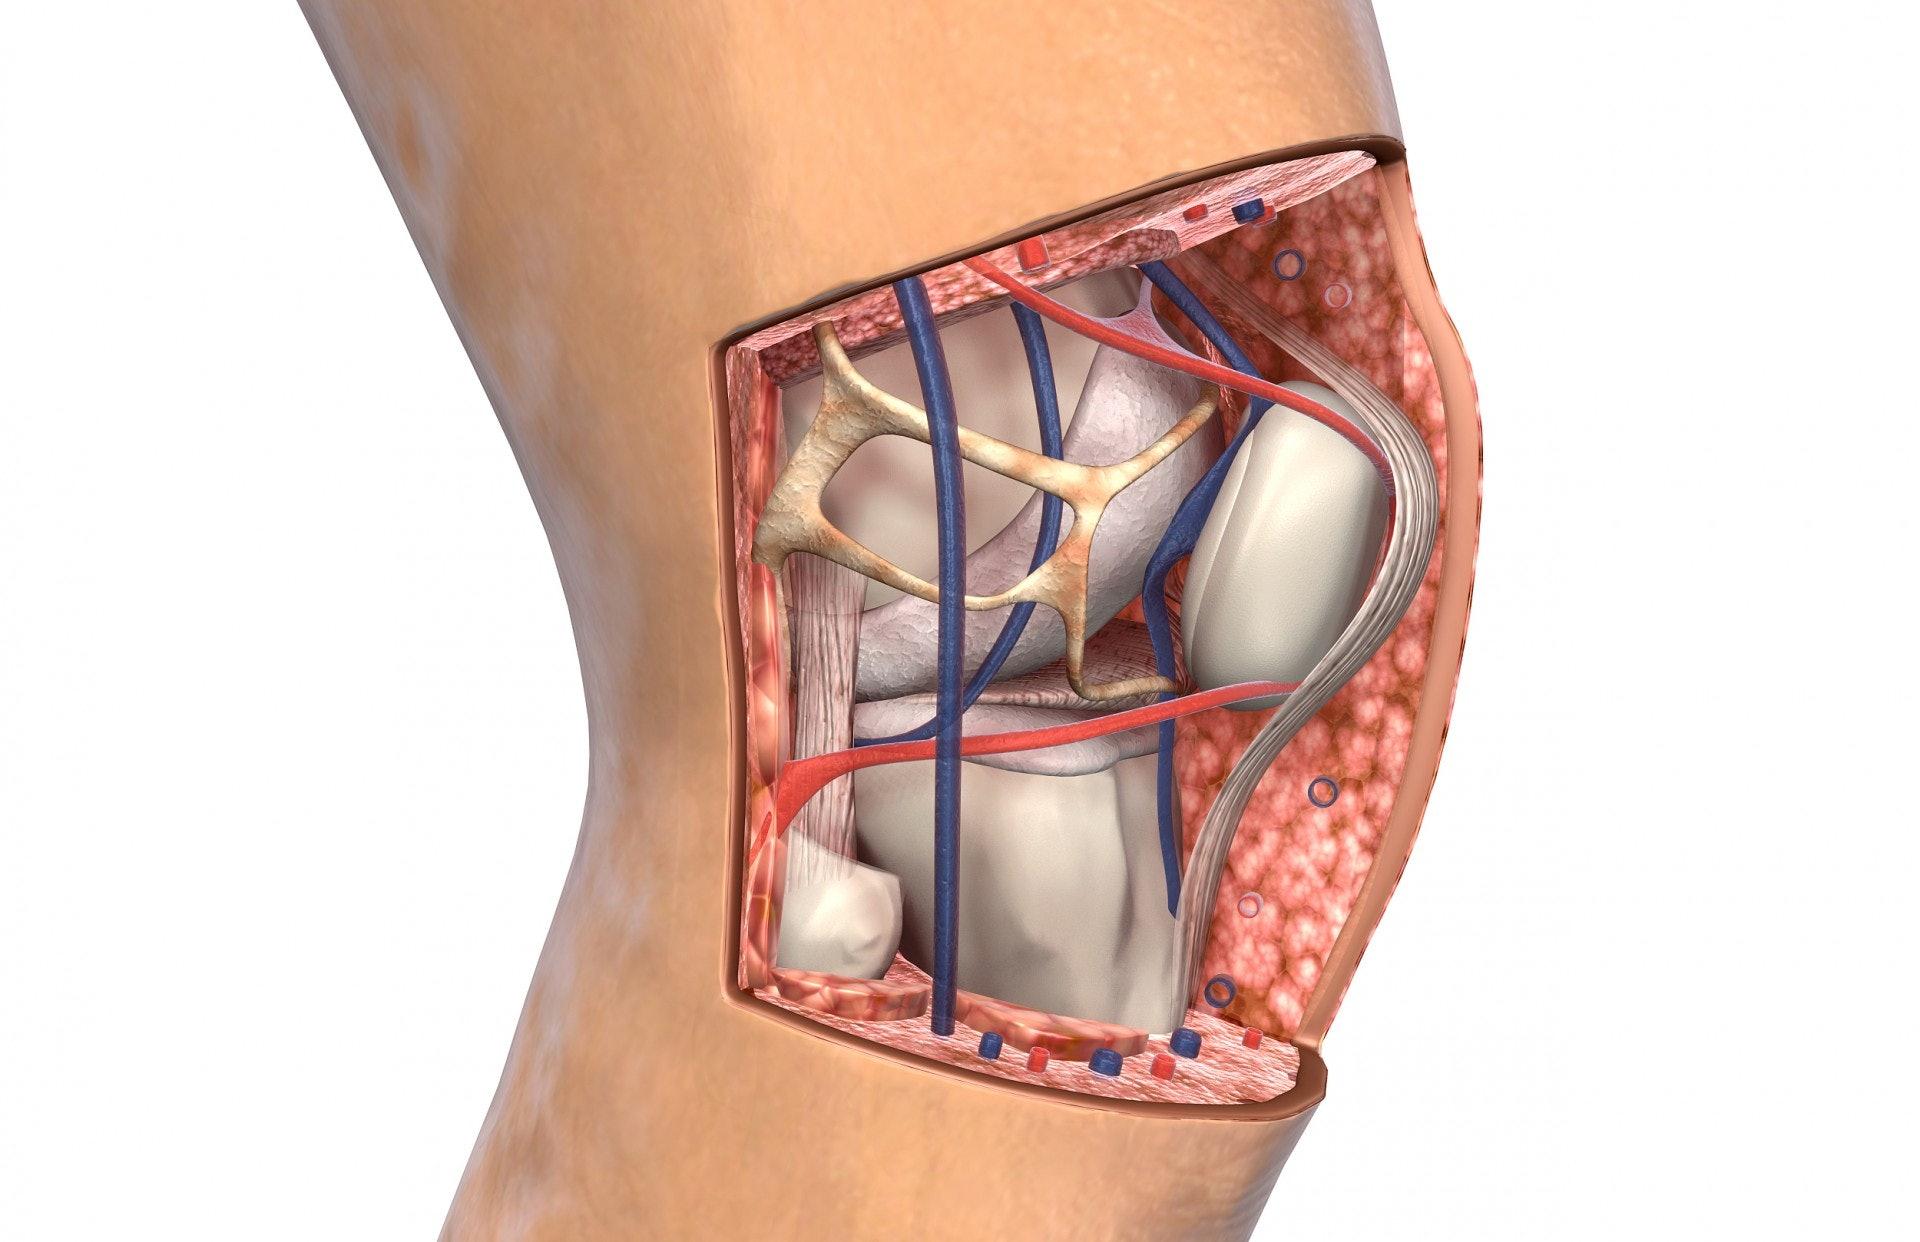 關節名醫呂紹睿指出,膝關節「退化」與年齡的關係並不是直接的,軟骨的破壞是從年輕就開始,發病年齡與膝關節不當使用的強度以及頻率有關。(視覺中國)